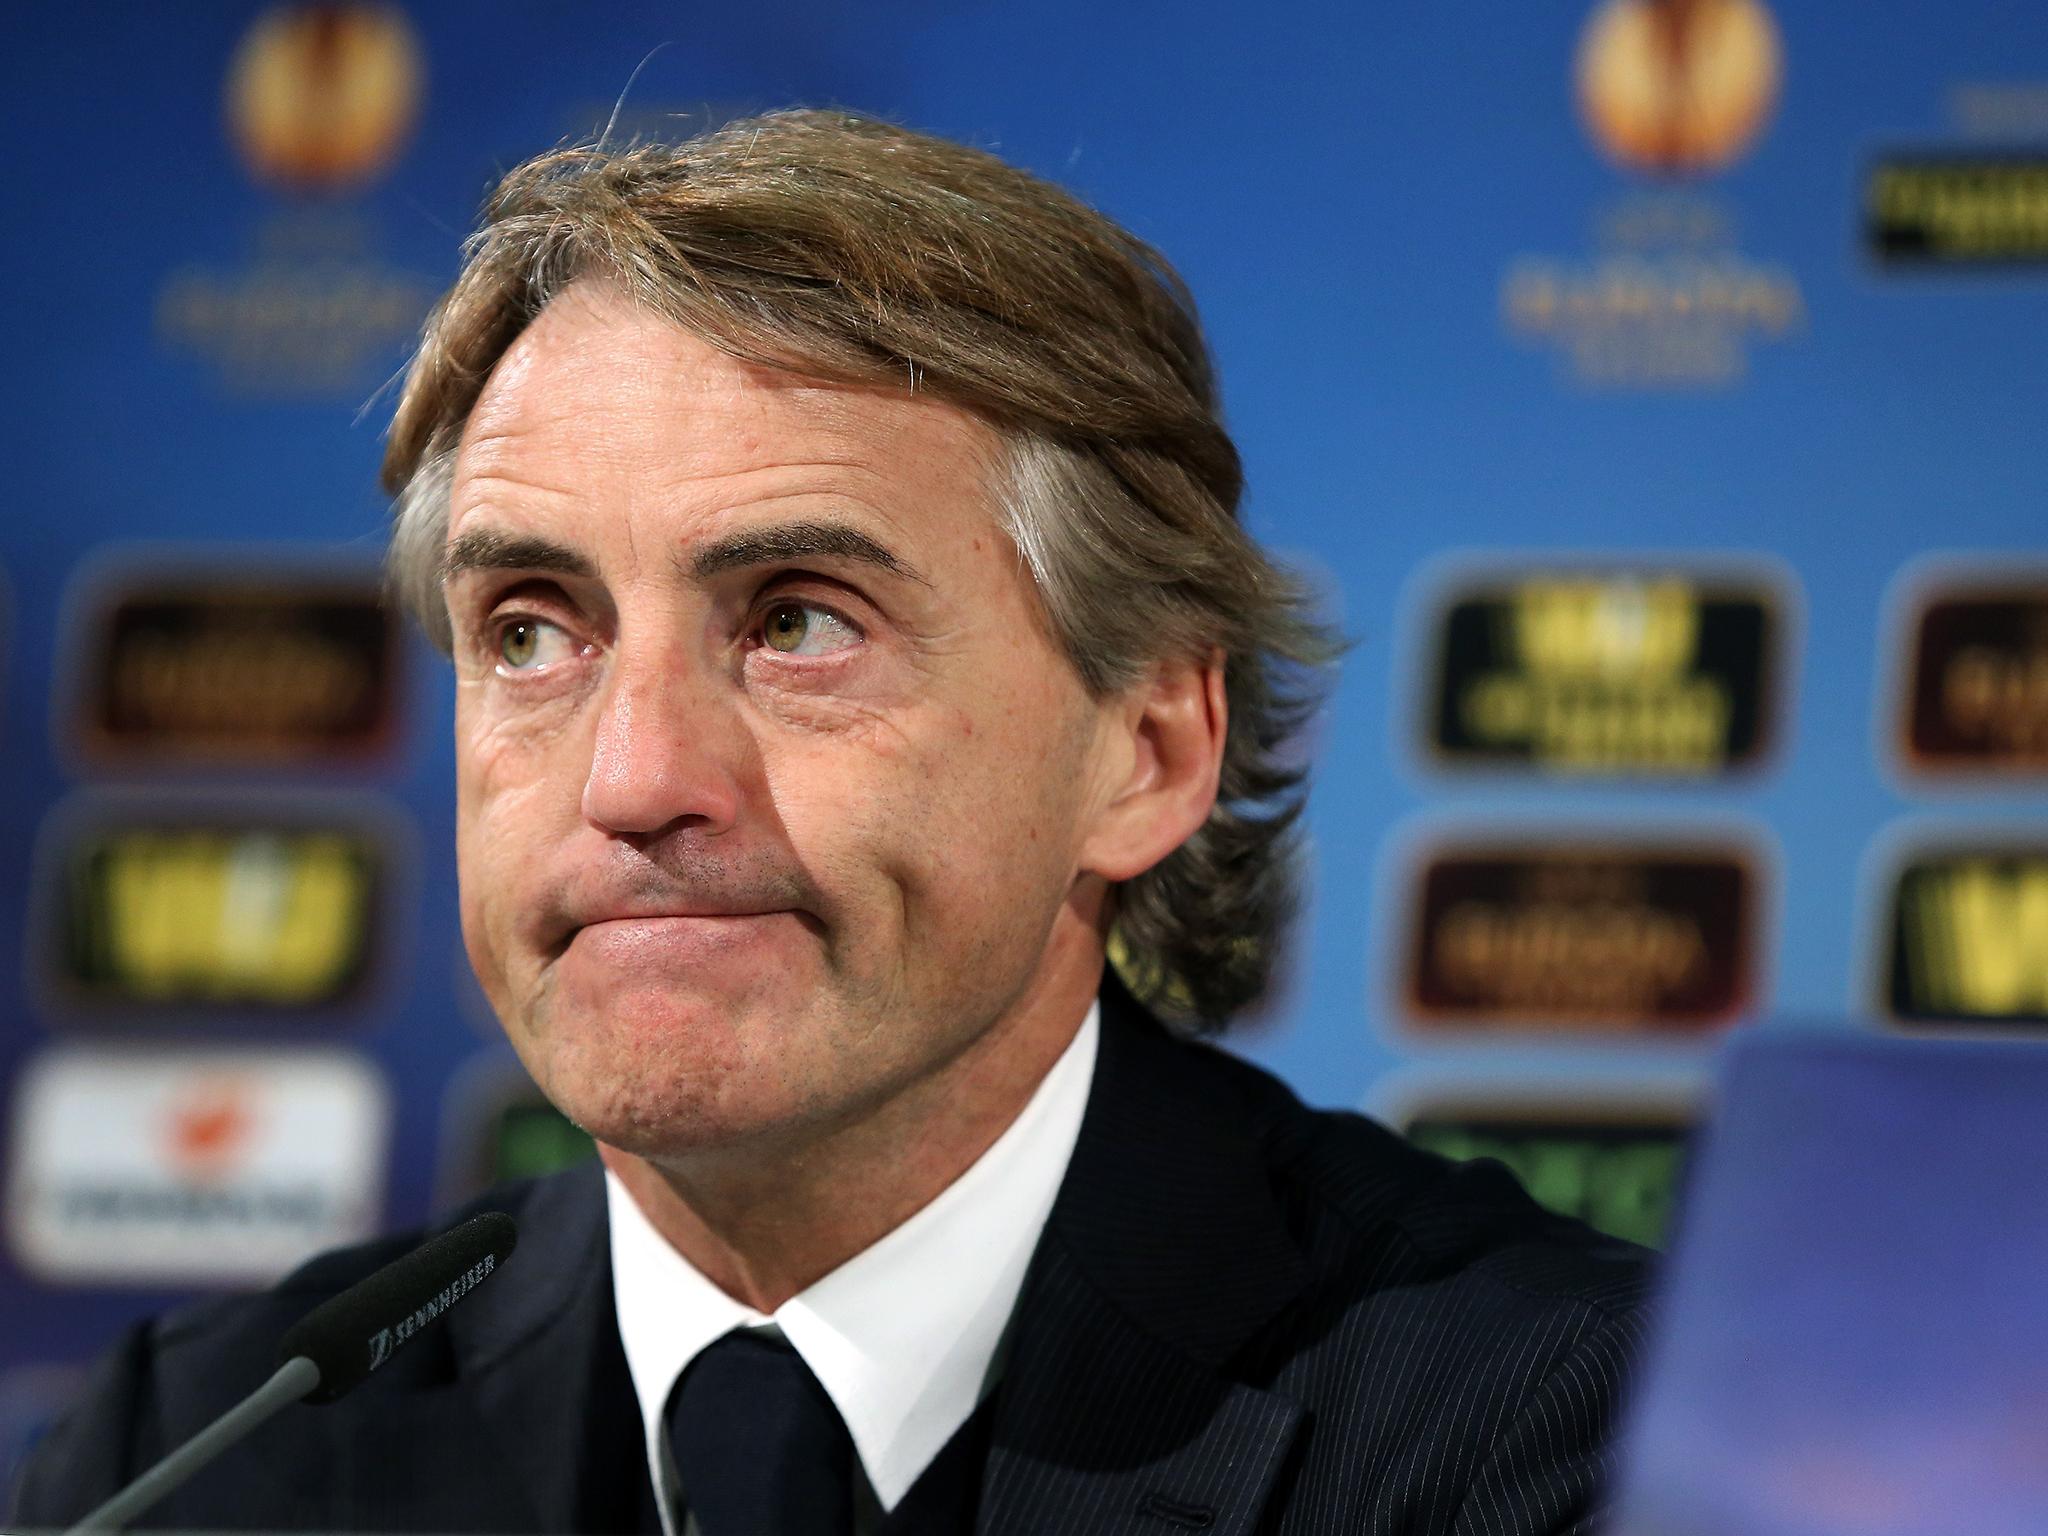 Sta tornando indietro come un vero e proprio boomerang il polverone sollevato da Roberto Mancini dopo Napoli-Inter, ormai sempre più isolato